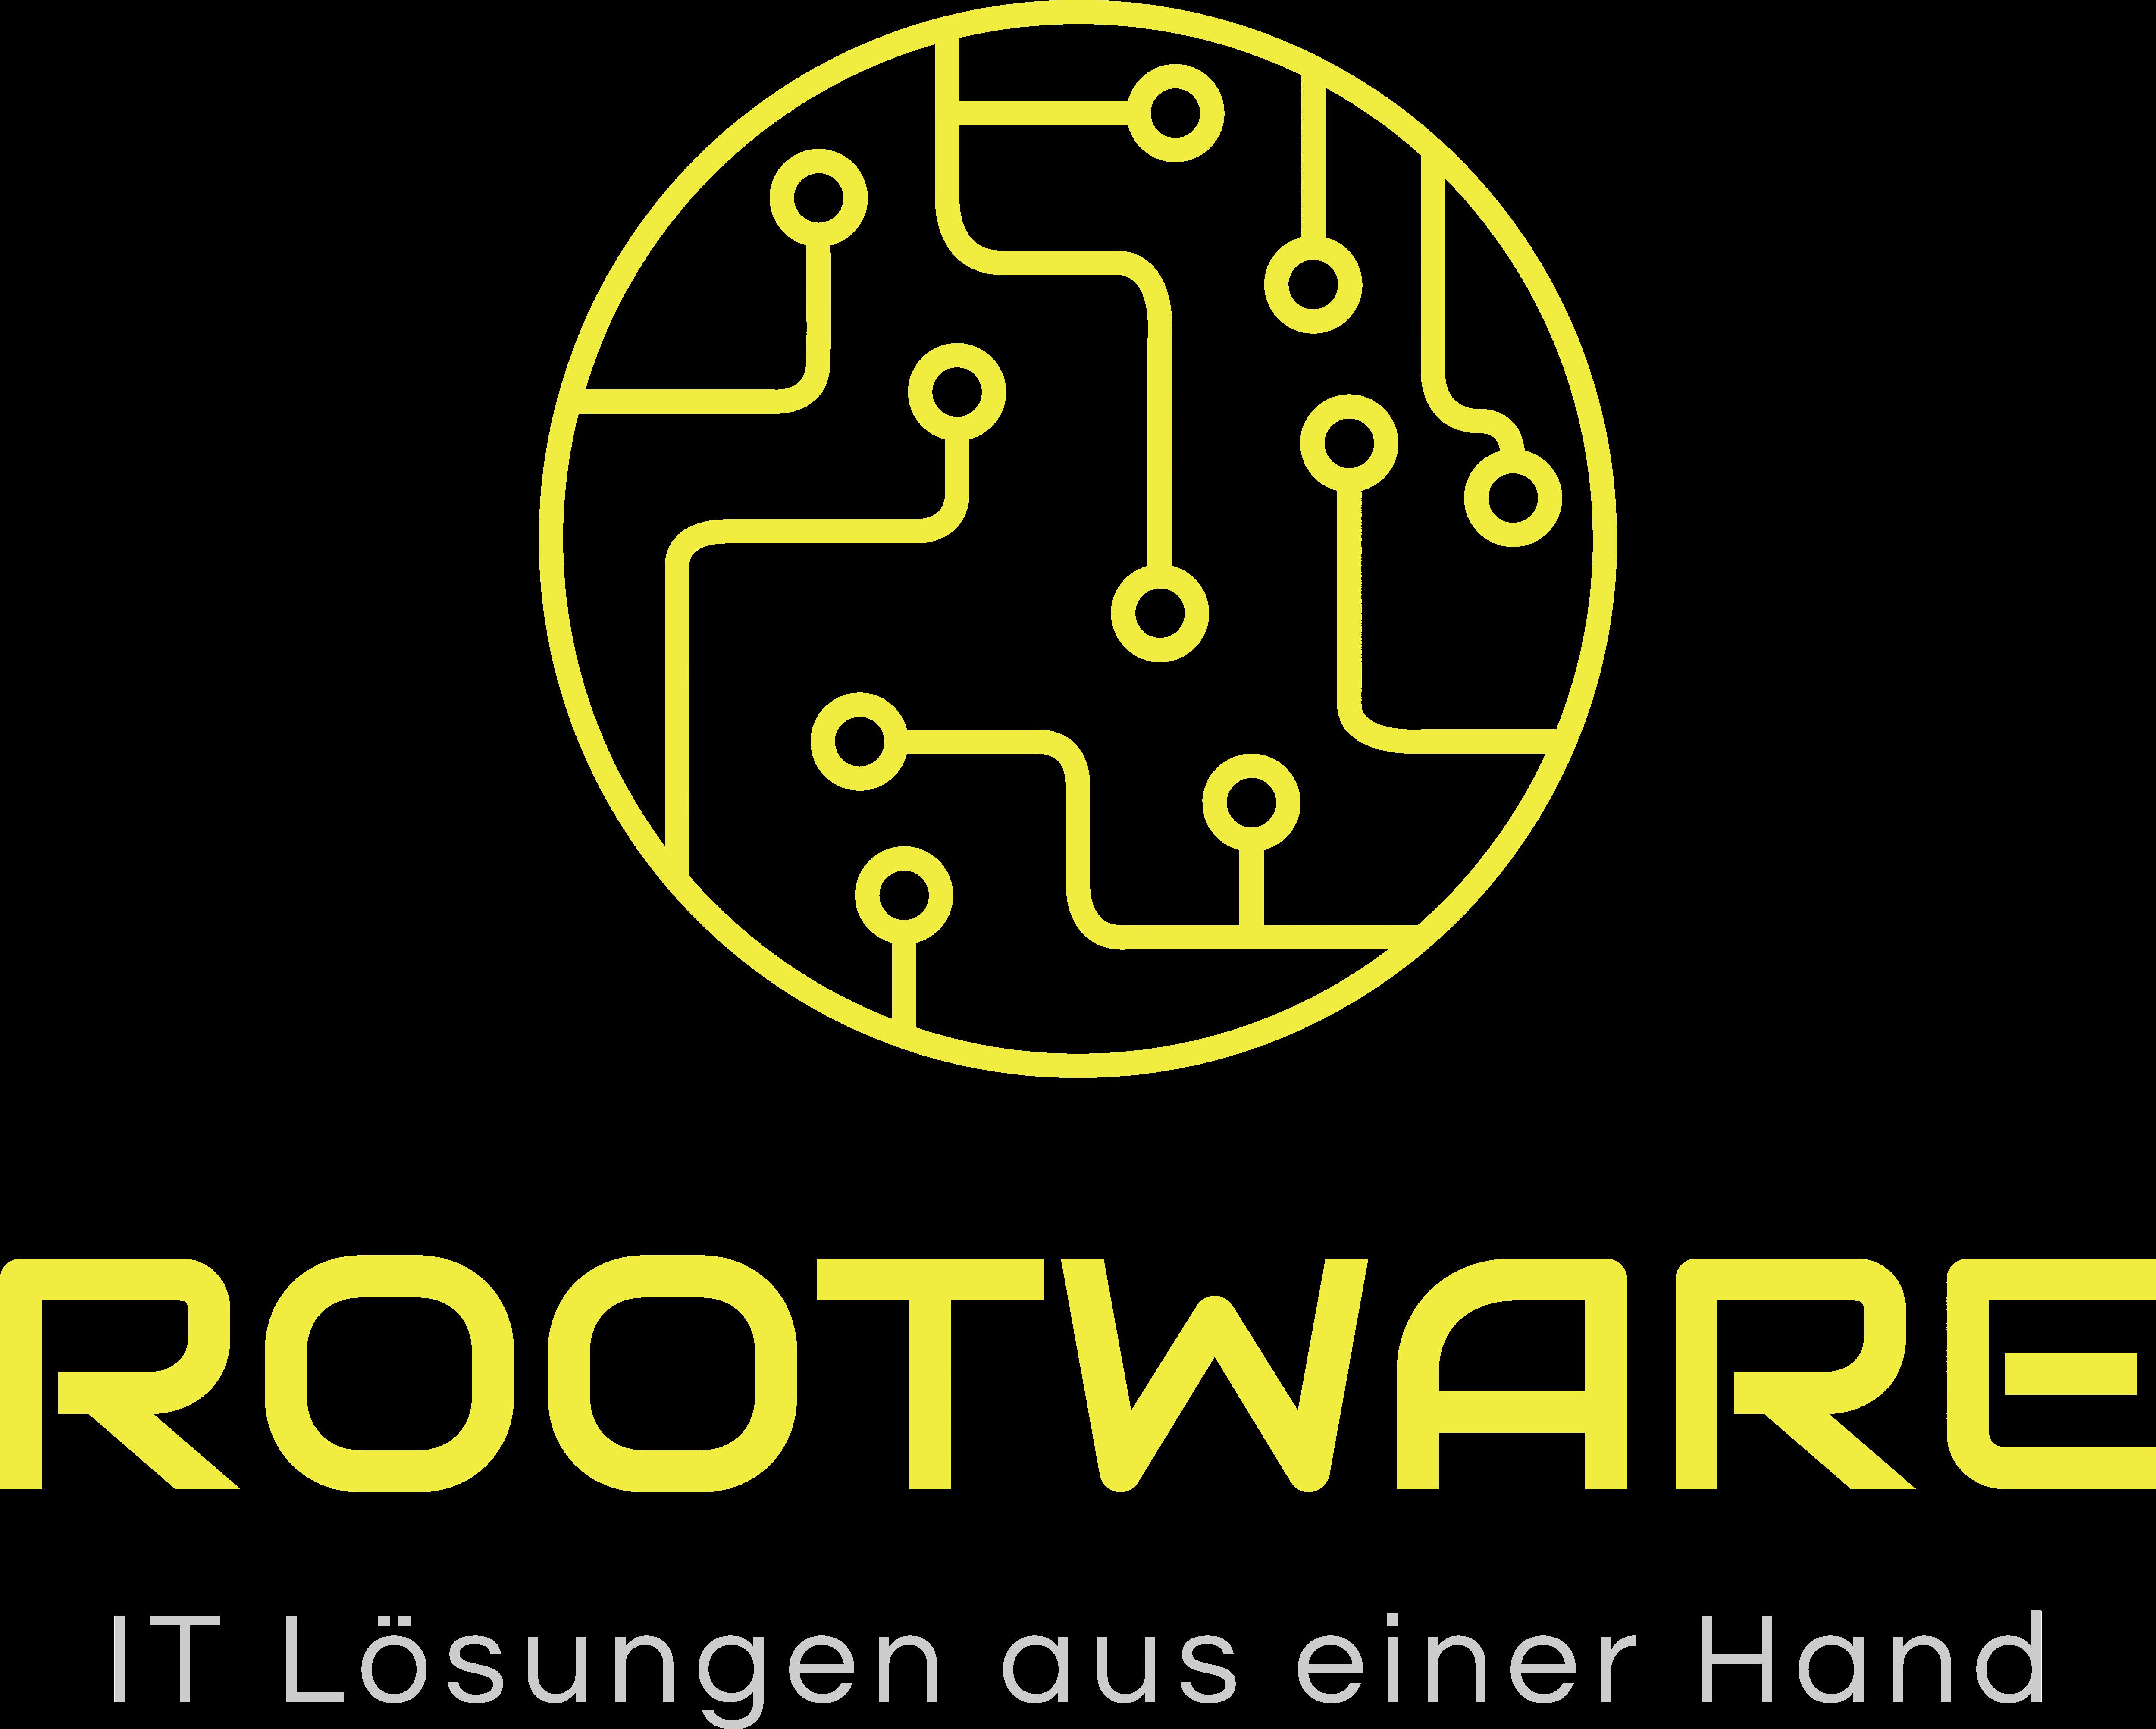 Rootware